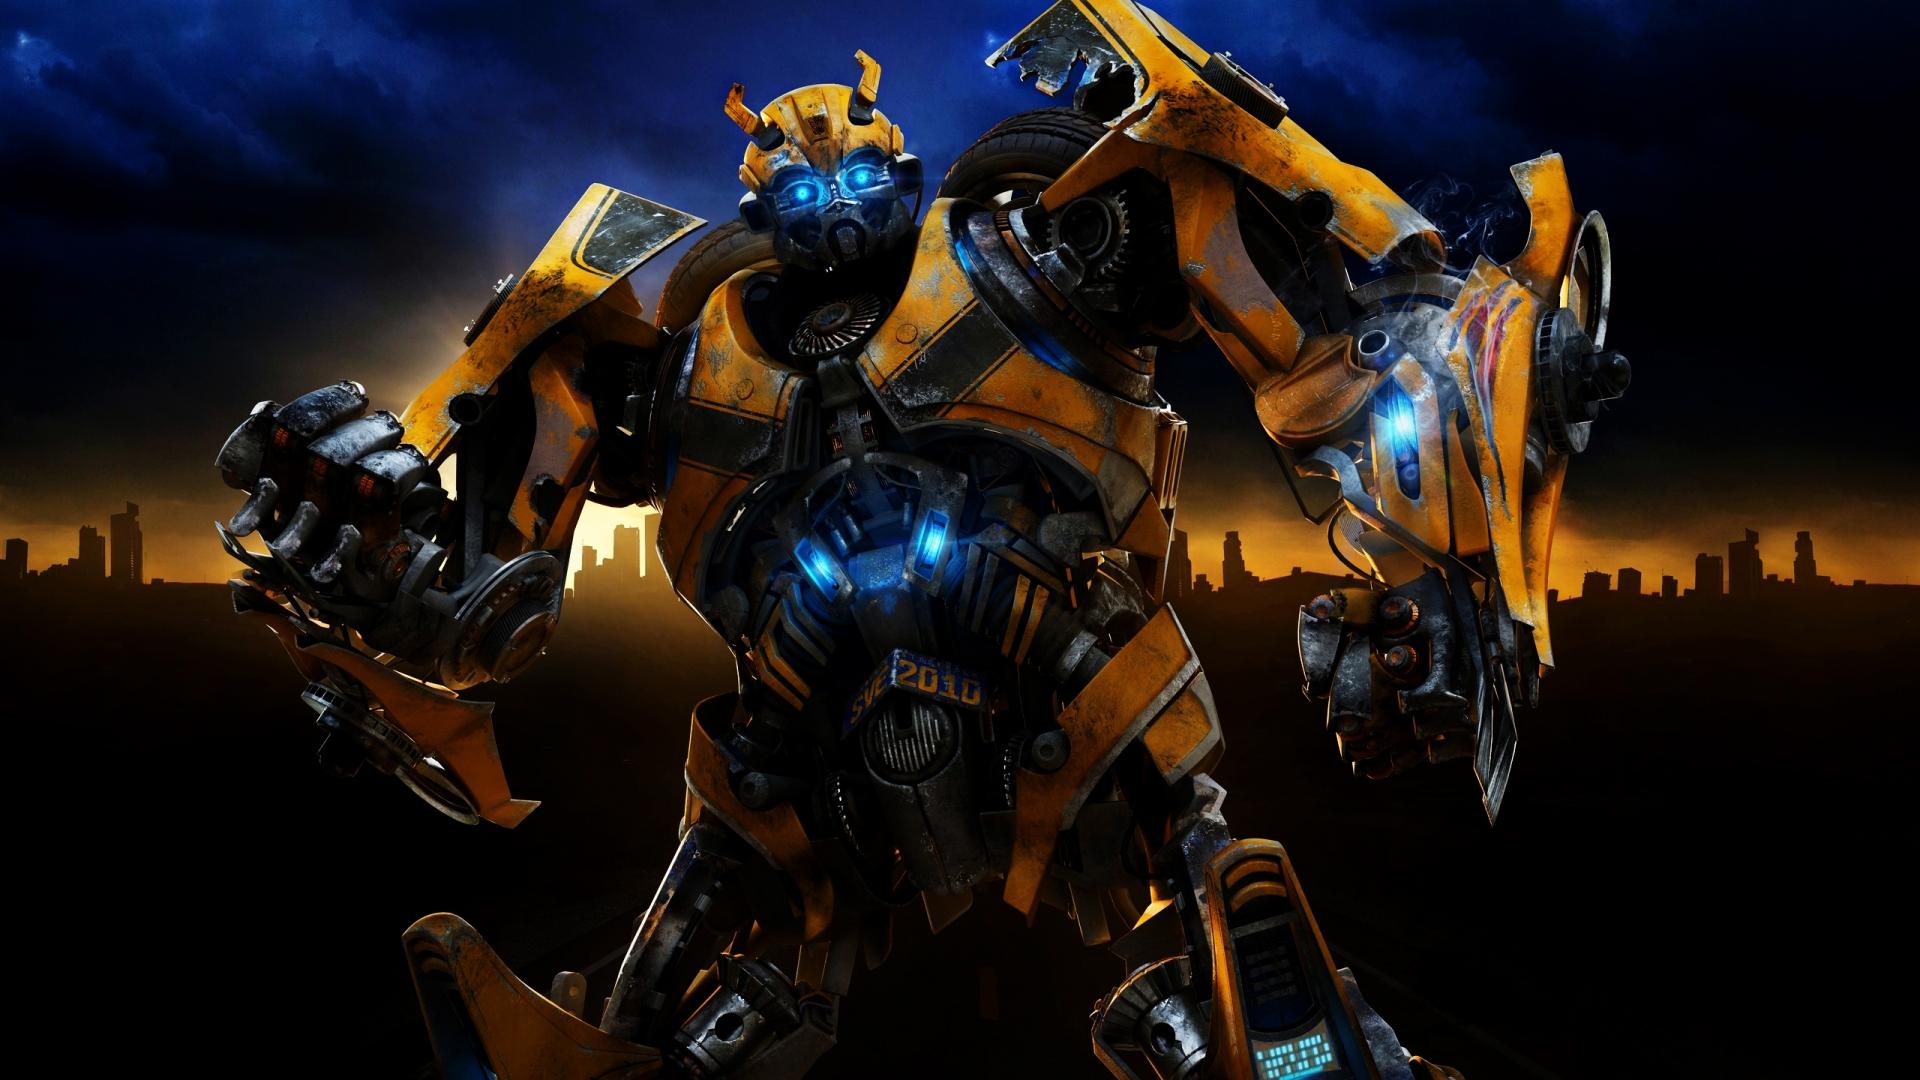 transformers hd wallpapers 1080p   wallpapersafari